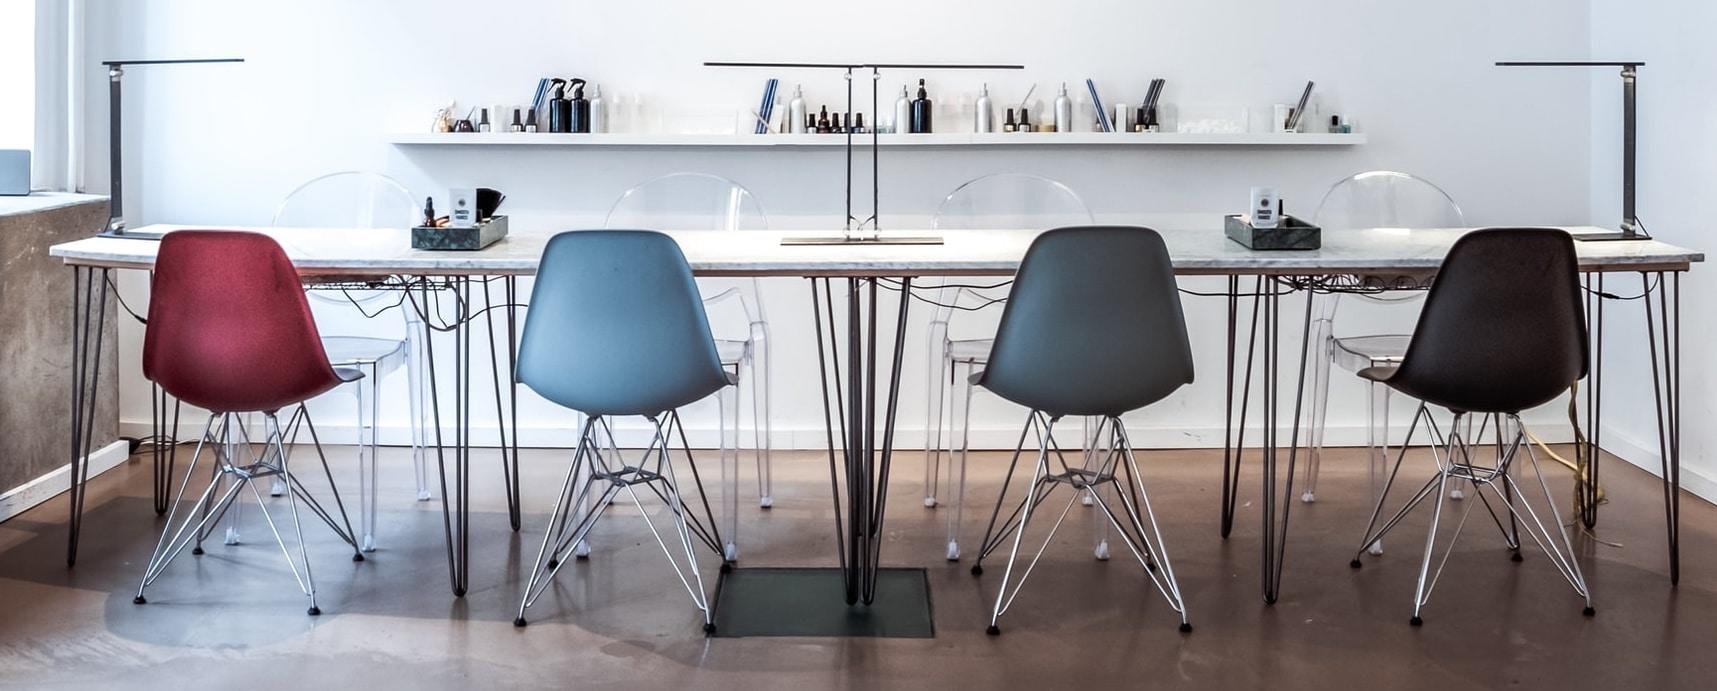 Sie sehen Stühle der Firma Vitra